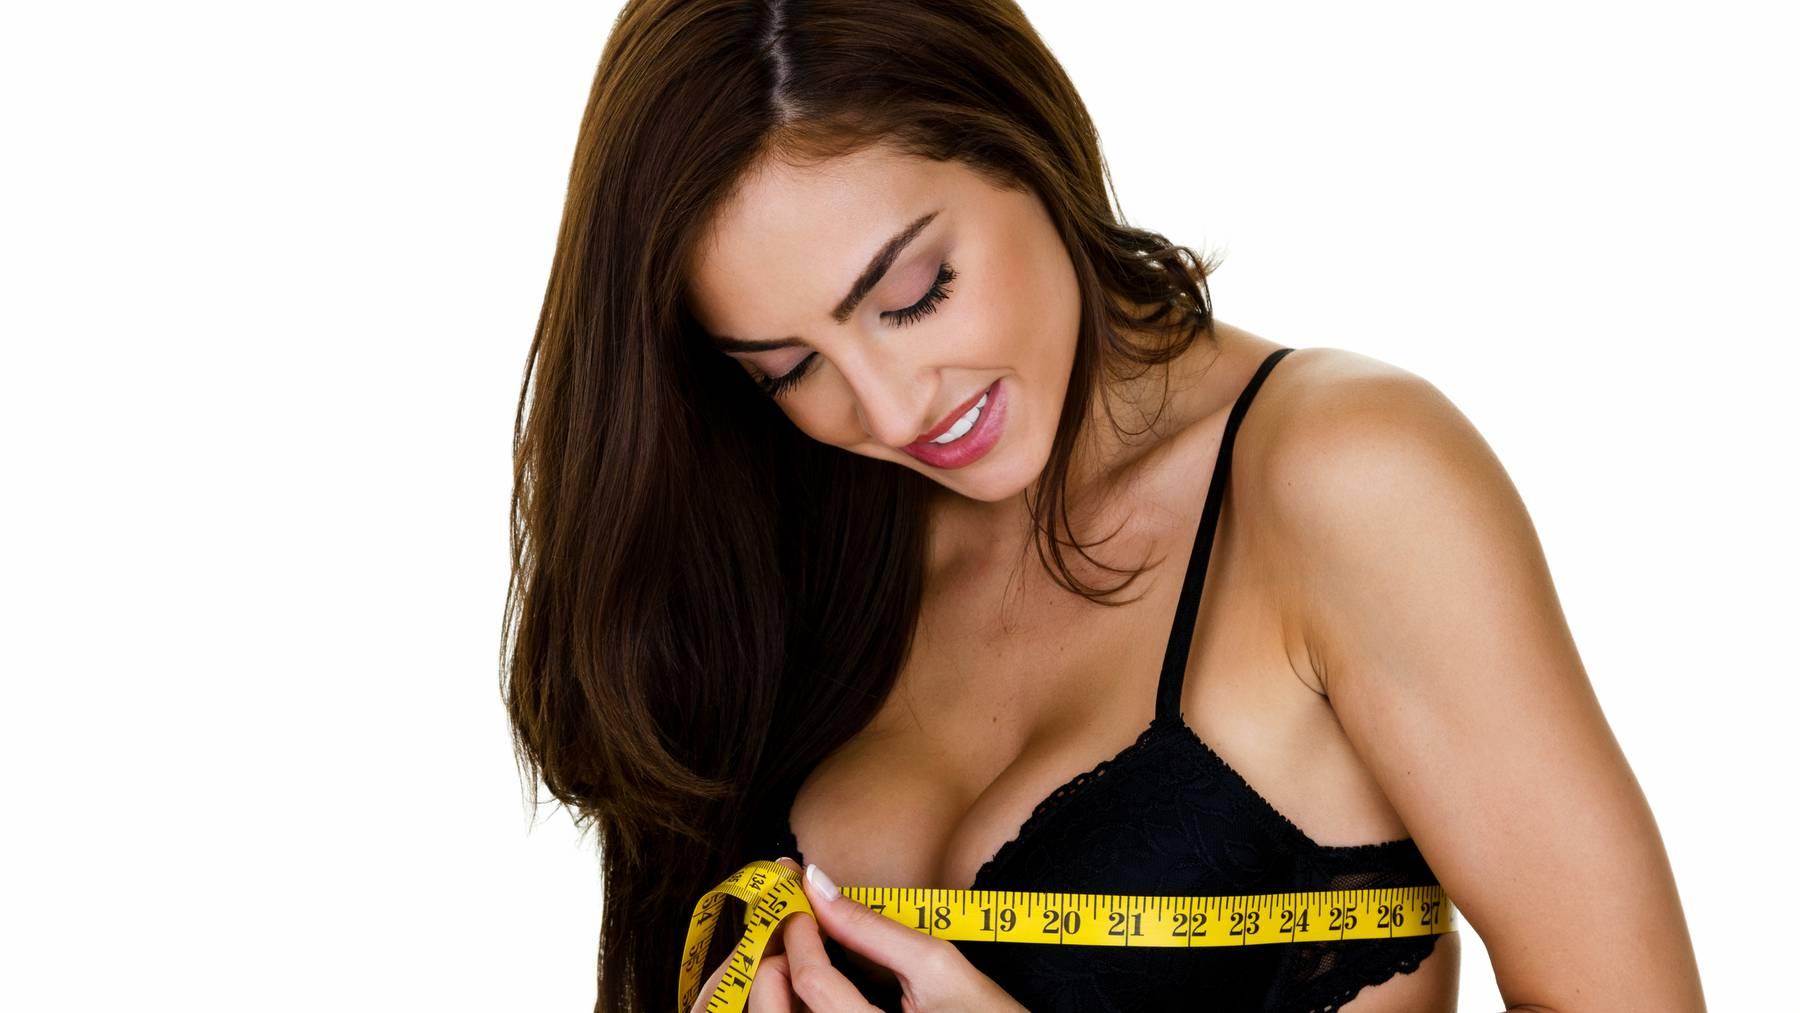 Diese Frau scheint mit der Grösse ihrer Brüste zufrieden zu sein.